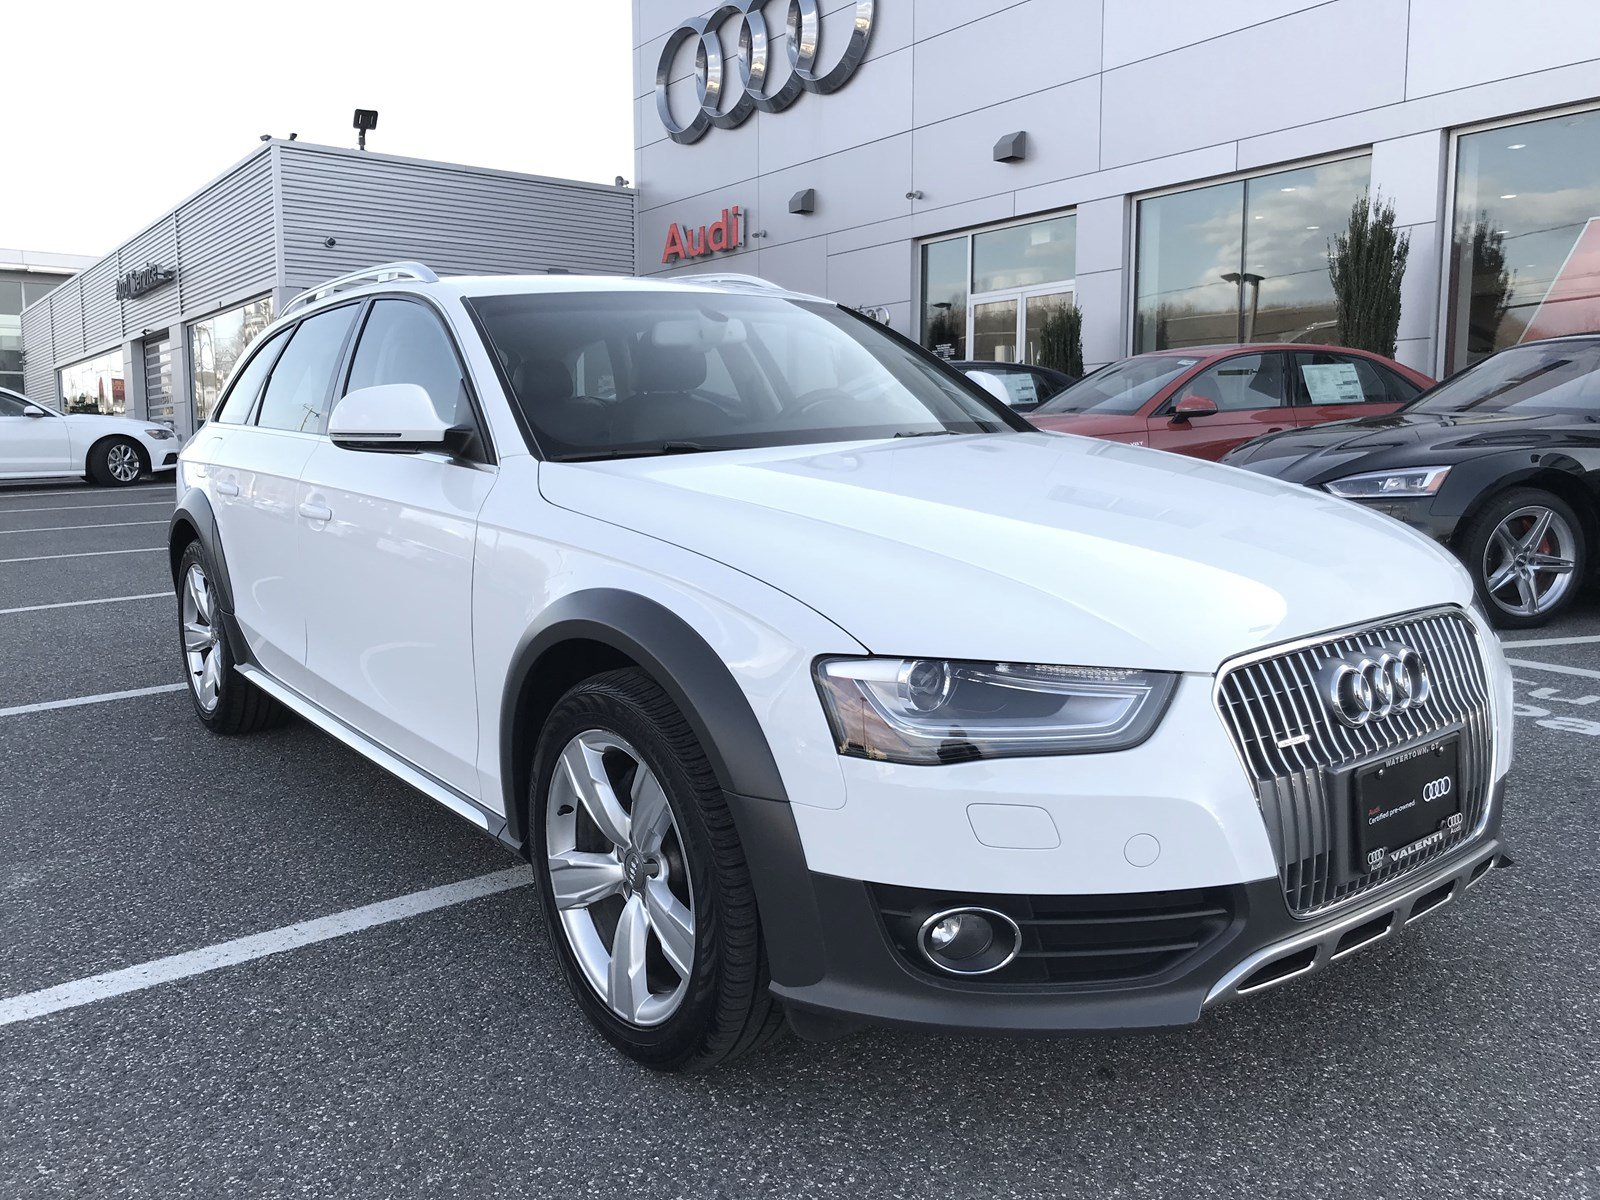 2014 Audi allroad 2.0T Premium Plus (Tiptronic) Wagon